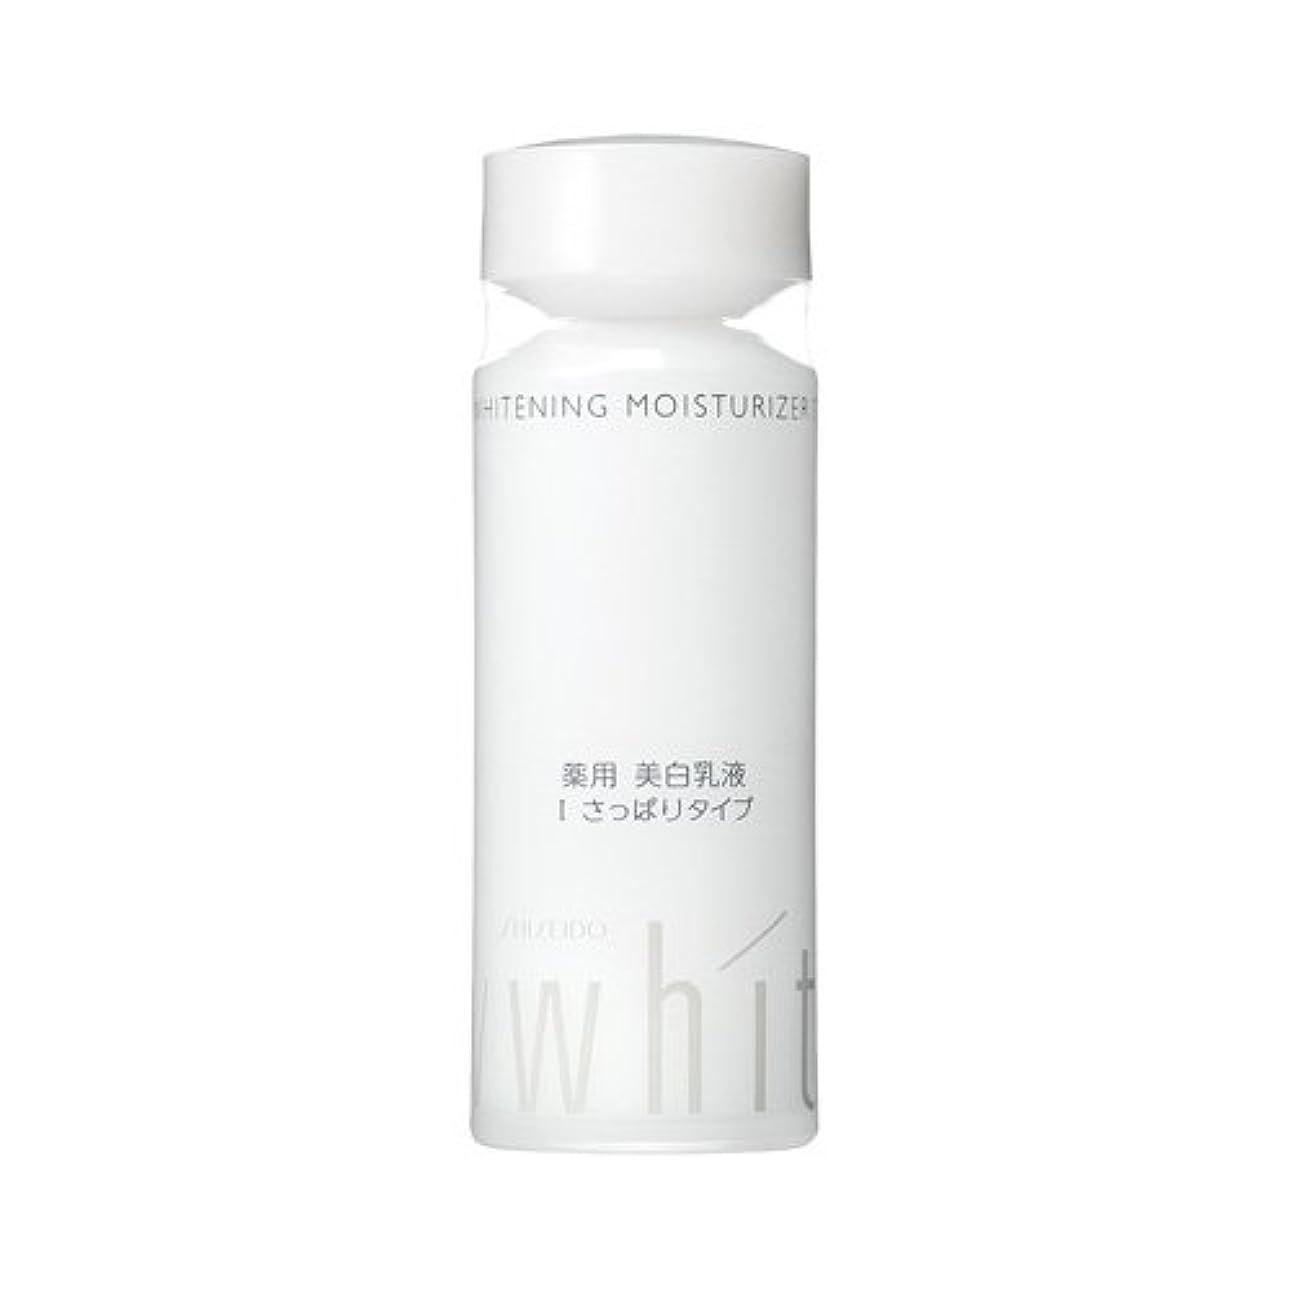 牛肉フロンティアポジティブユーヴィーホワイト ホワイトニング モイスチャーライザーⅠ 乳液(夜用) 100ml